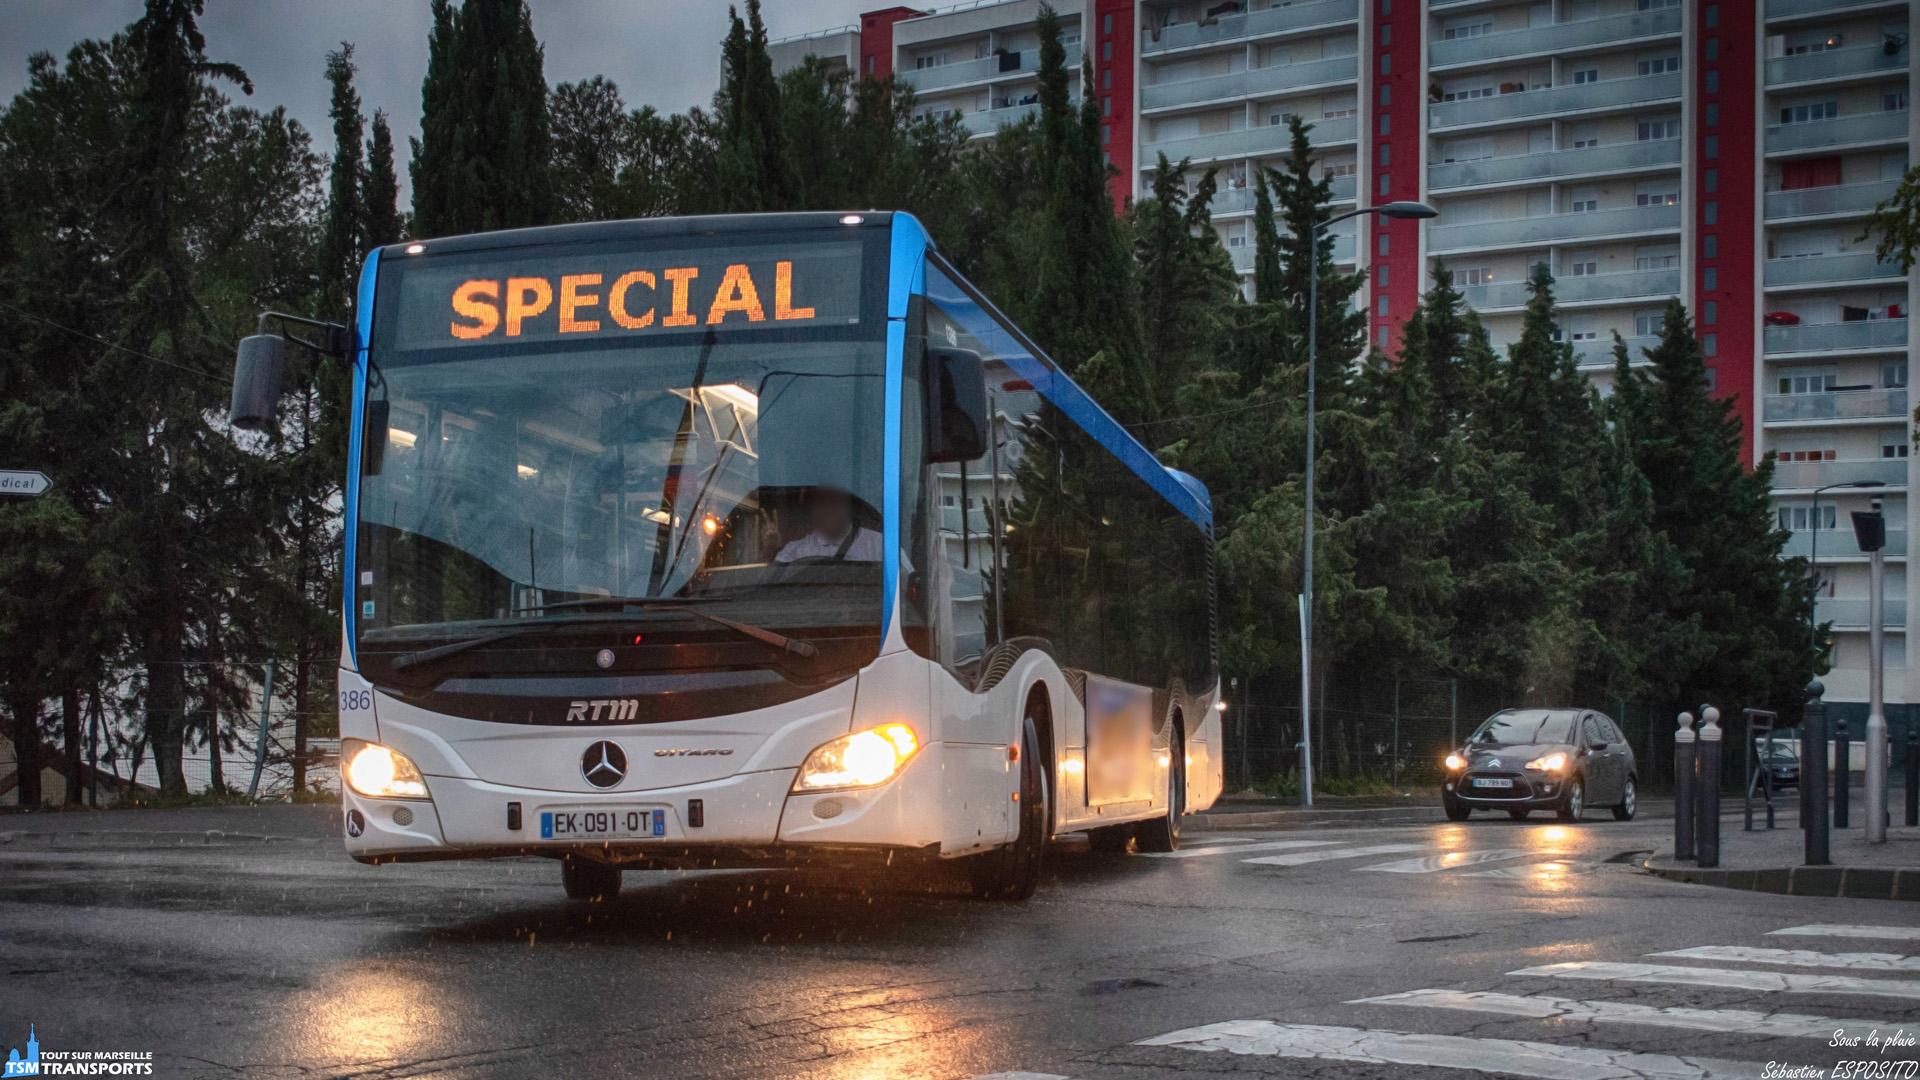 La journée fut très humide pour les bus de la régie et sous la pluie qui s'intensifie en fin de journée, je recroise ce Citaro attrapé sur la ligne 9 quelques jours plus tôt avec au volant un conducteur fort sympathique. . ℹ️ Mercedes Benz Citaro 2 Euro 6 RTM n°1386. . 📍 Boulevard Laveran / Rue de Marathon, 13eme arrondissement de Marseille. . ↔️ HLP itinéraire ligne 32. . 📸 Nikon D5600. . 📷 Nikkor 18-55mm. . 📅 11 Avril 2019 à 19:55. . 👨 Sébastien ESPOSITO un peu mouillé.